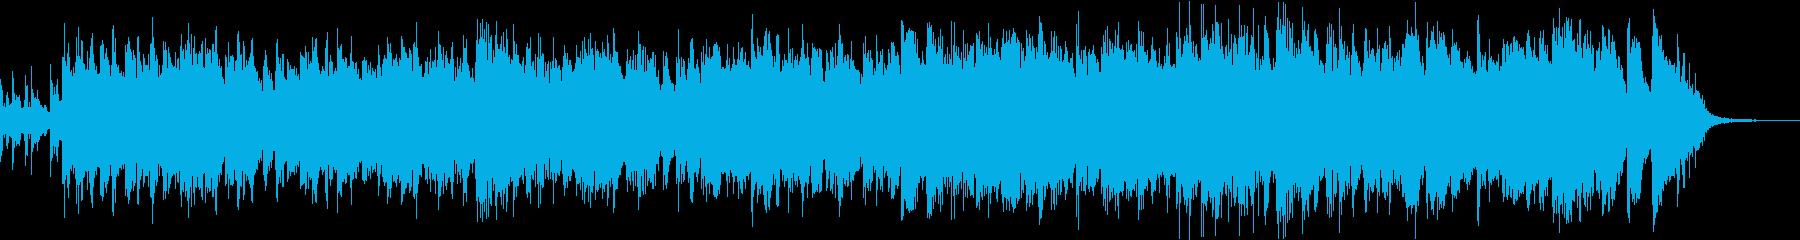 陽気なカントリーフィドルCM軽快疾走感eの再生済みの波形